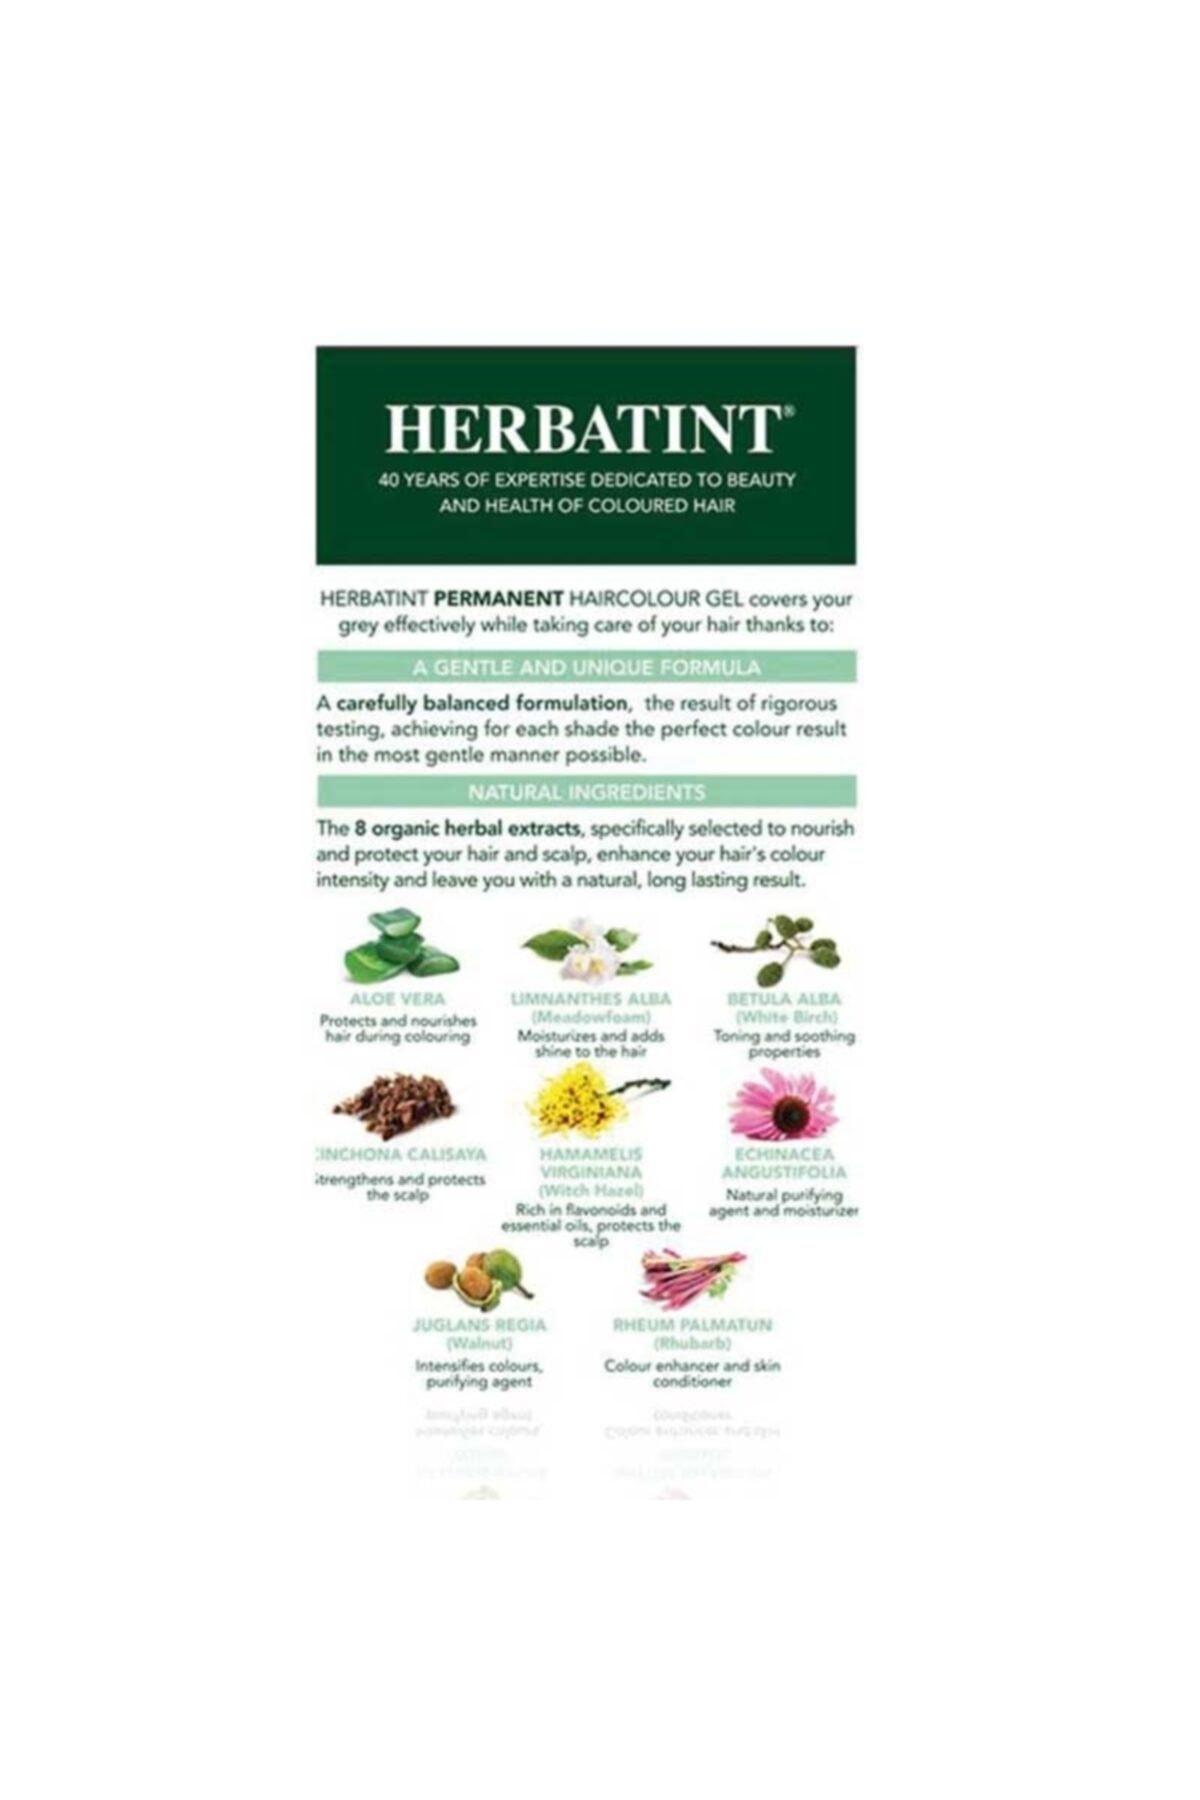 Herbatint Kalıcı Bitkisel Saç Bakım Boyası - 7m Mahogany Blonde Akaju Sarı 150 ml 8016744500180 2